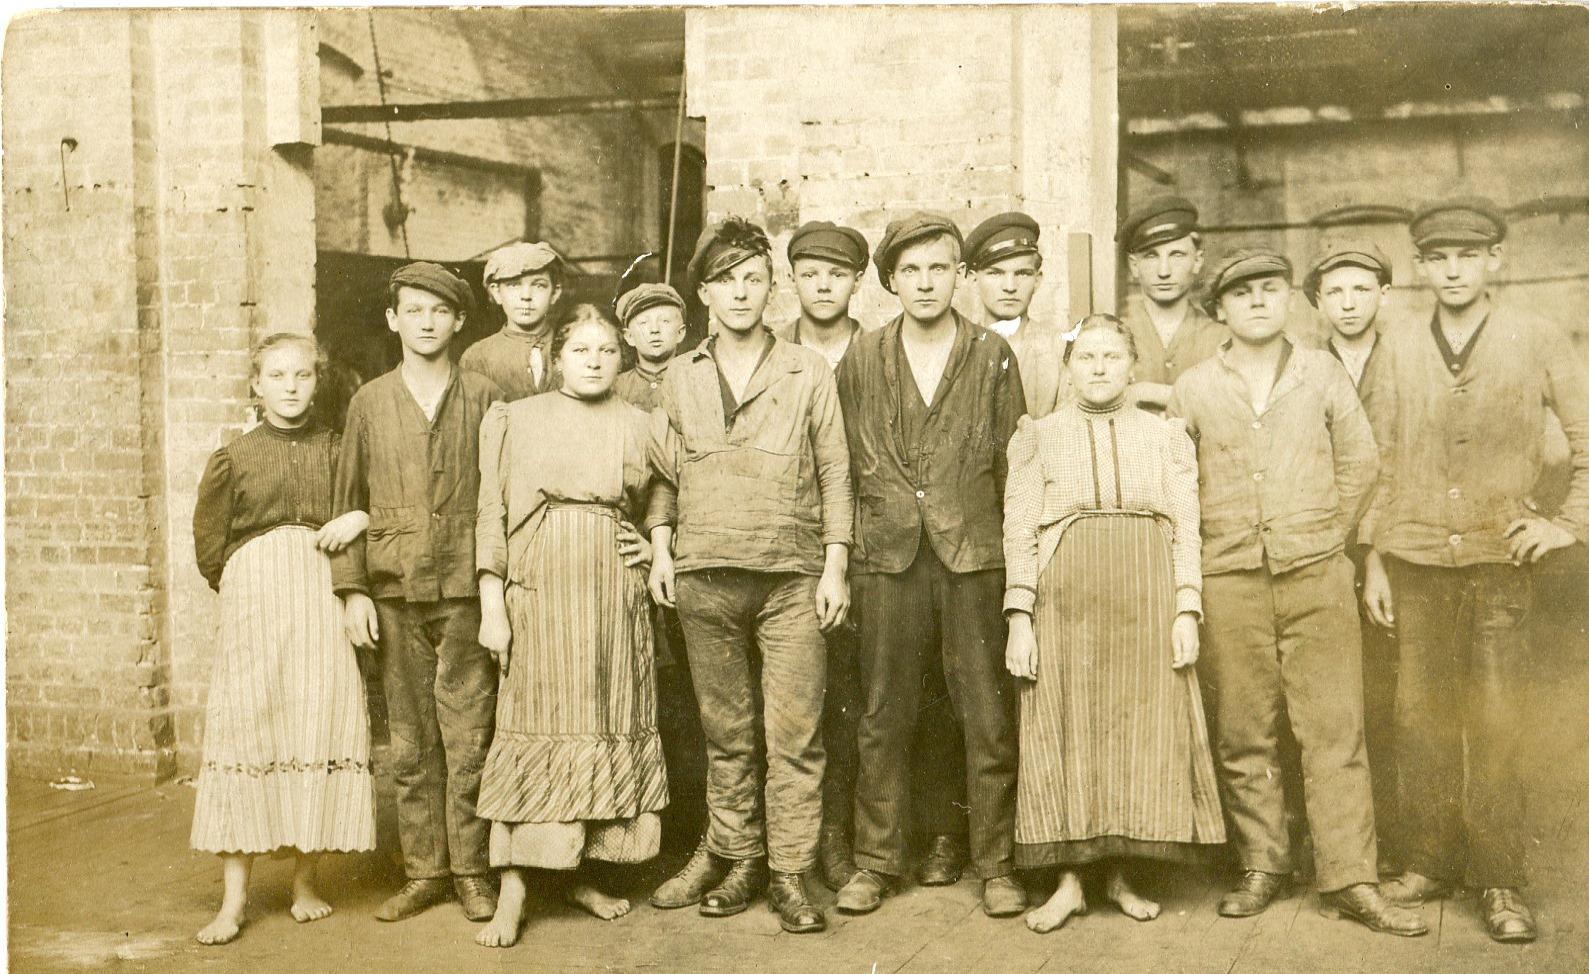 Fotografia grupy mężczyzn ikobiet wubraniach roboczych, zpocz. XX w. natle budynków przemysłowych